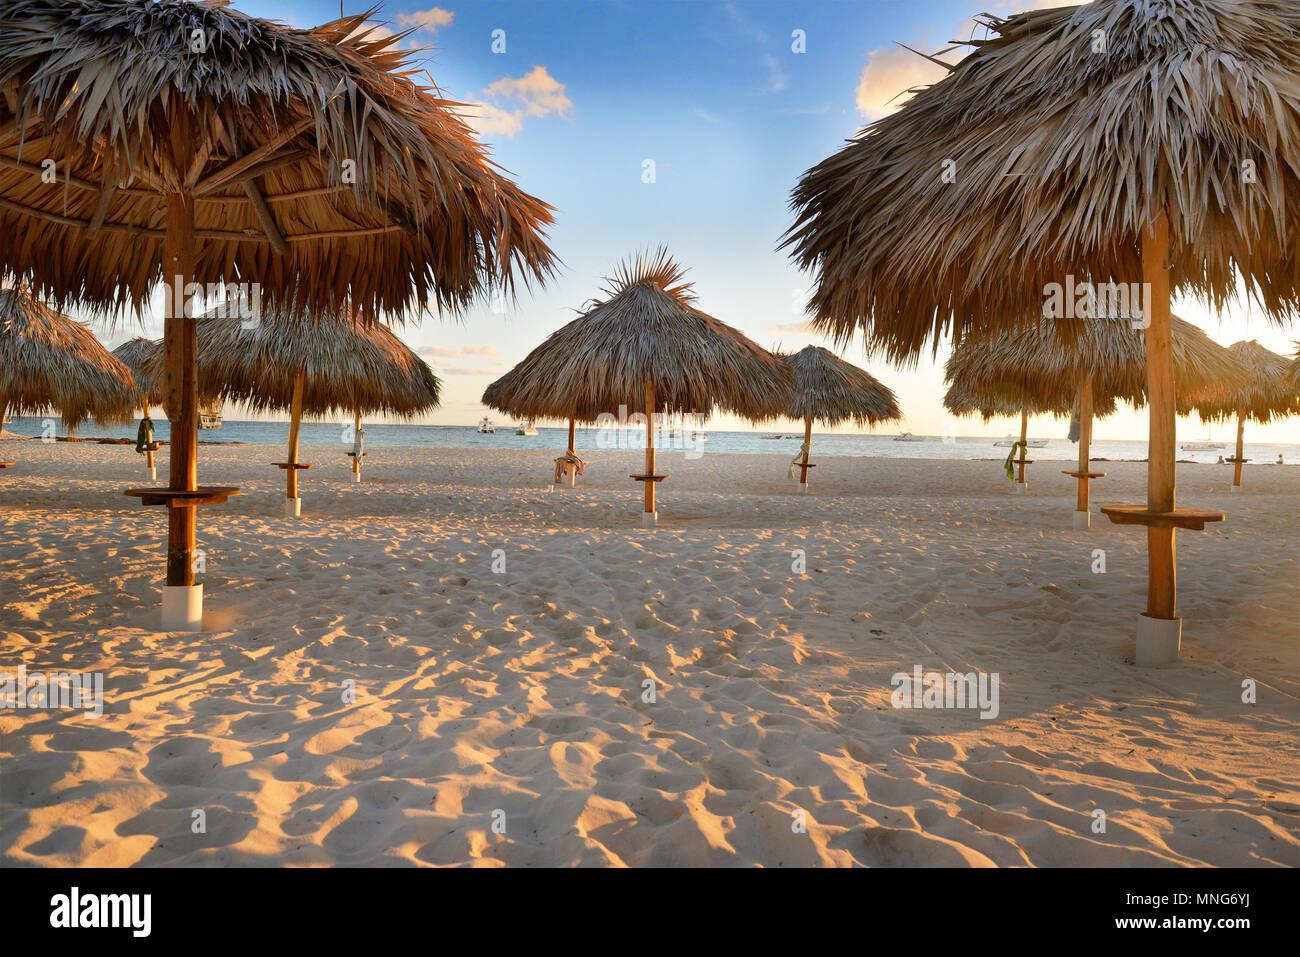 Straordinarie vacanze tropicali. Ombrelloni sulla spiaggia. Paradiso tropicale. Caraibi. Punta Cana. Repubblica Dominicana Immagini Stock